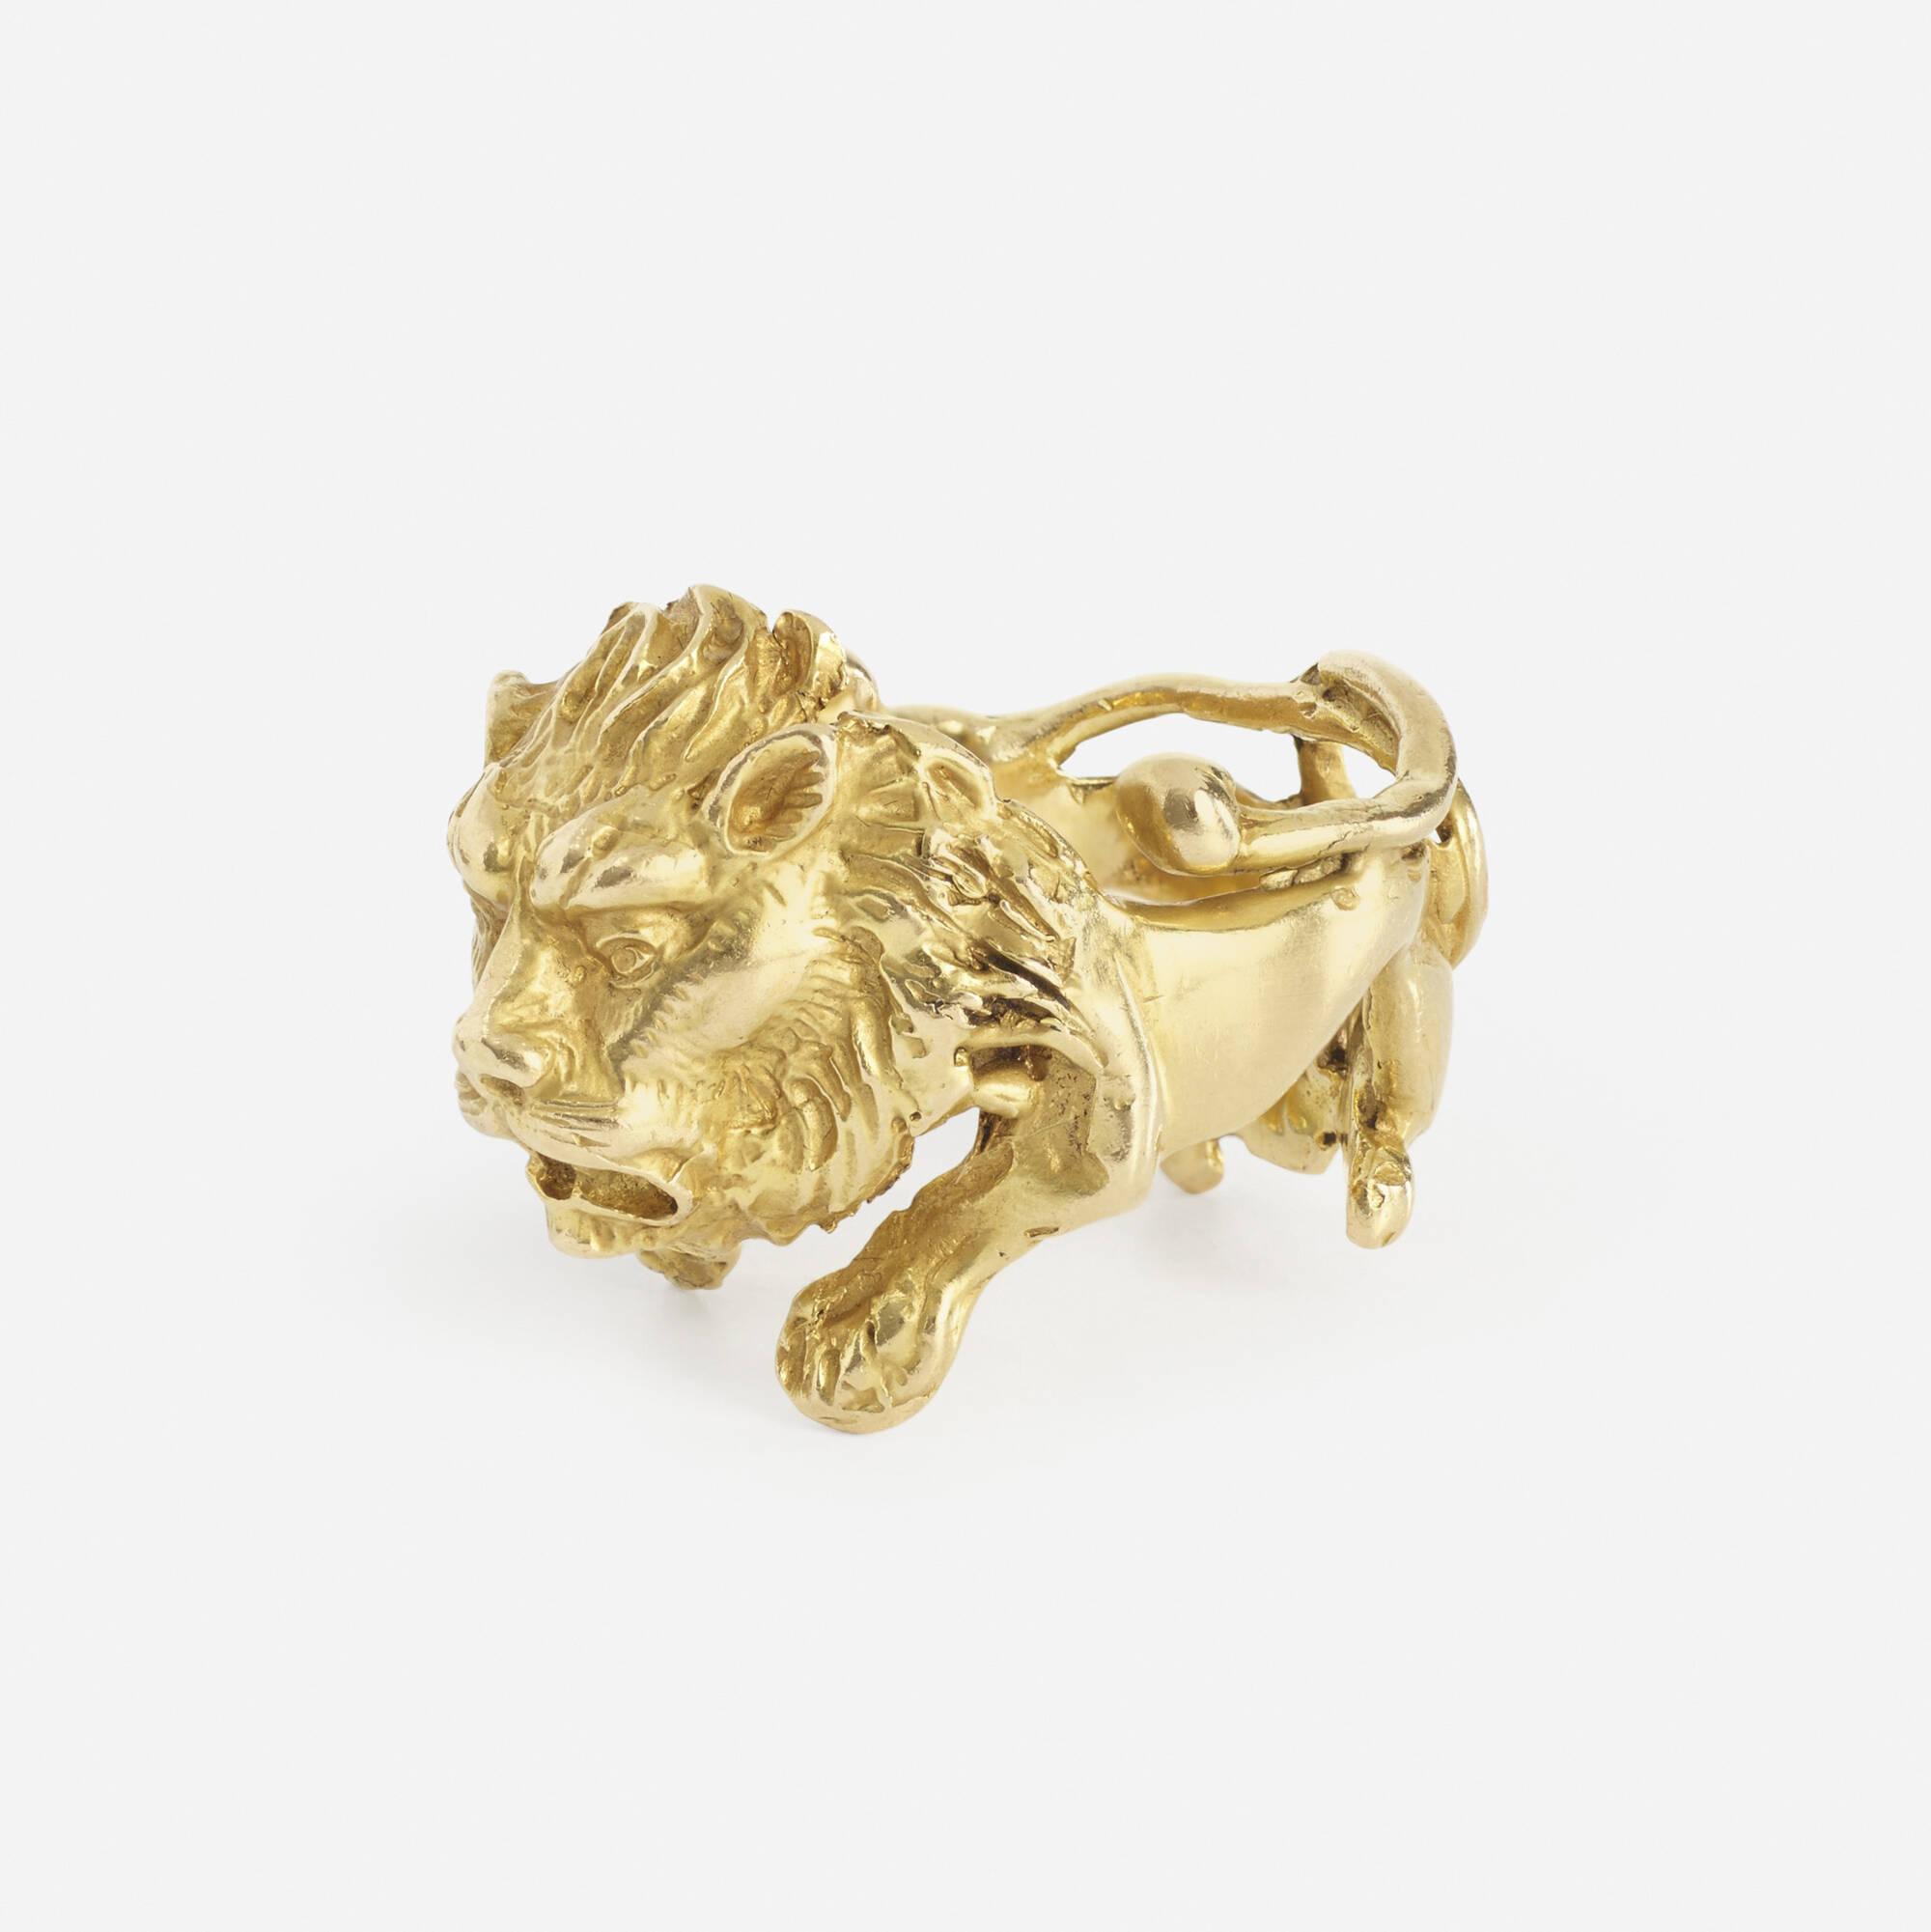 258: Eric de Kolb / A gold Lion ring (2 of 2)